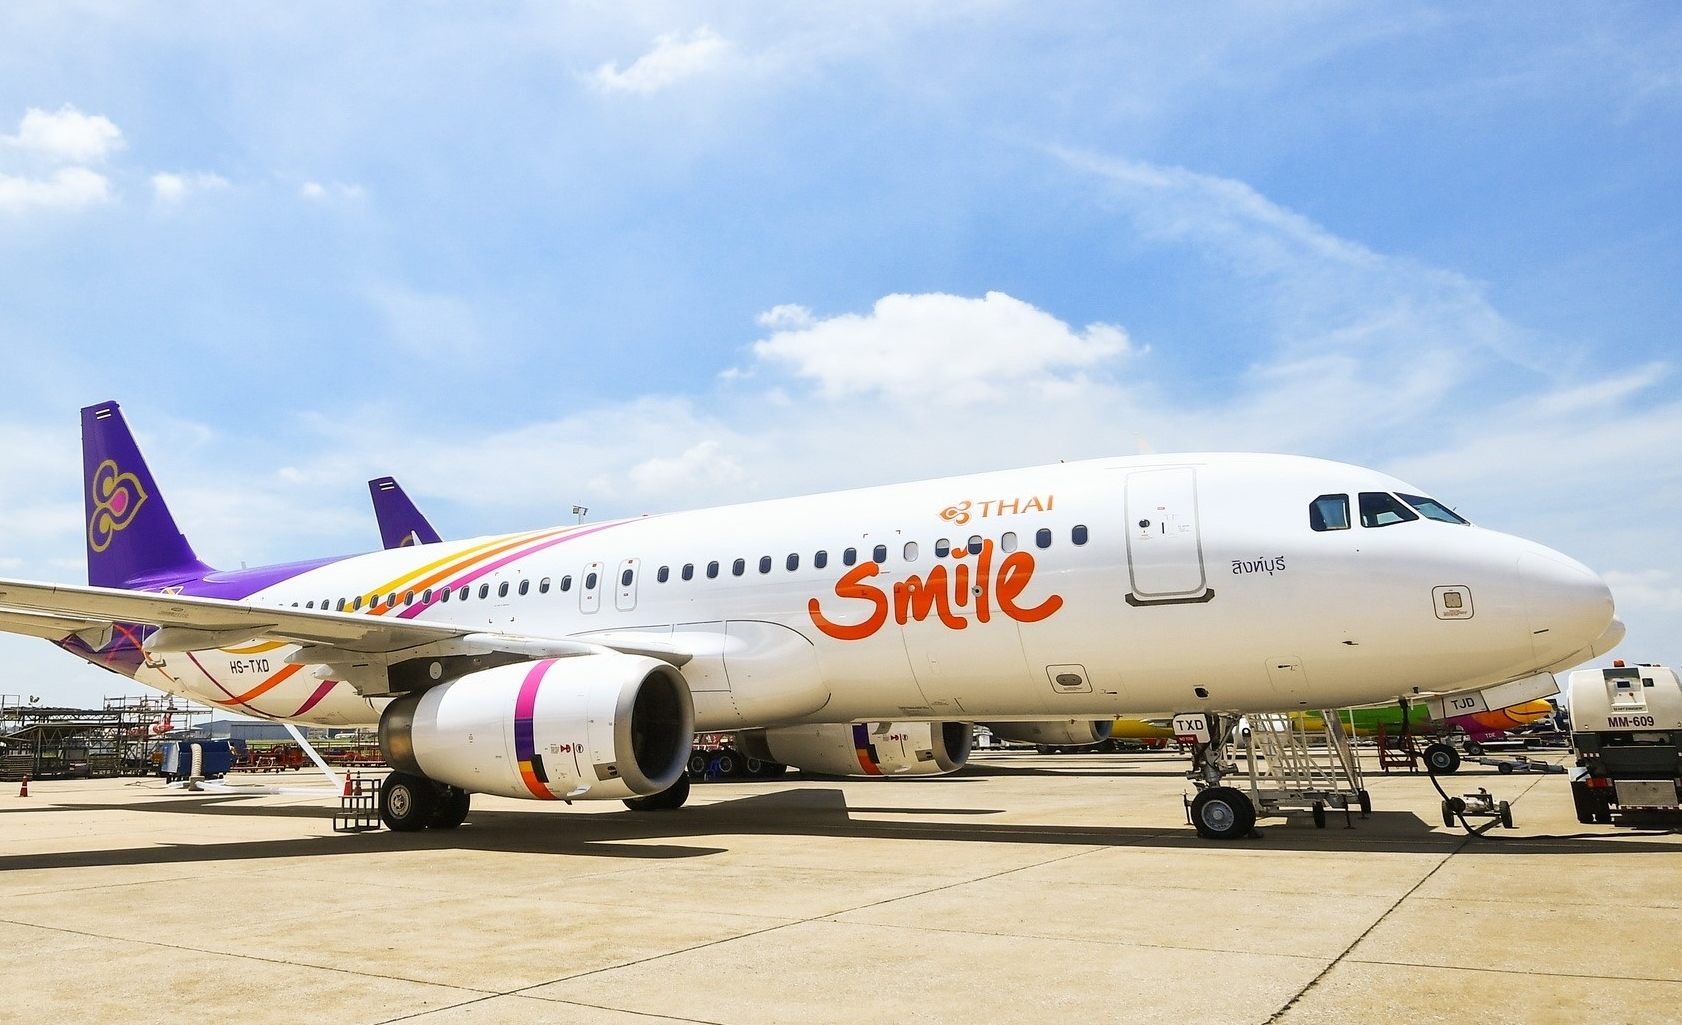 Thai Smile Airways er nyt filialmedlem af Star Alliance – det regionale flyselskab betjener indenrigsruter i Thailand samt fra Thailand til flere lande i regionen. Pressefoto: Thai Smile – Star Alliance.